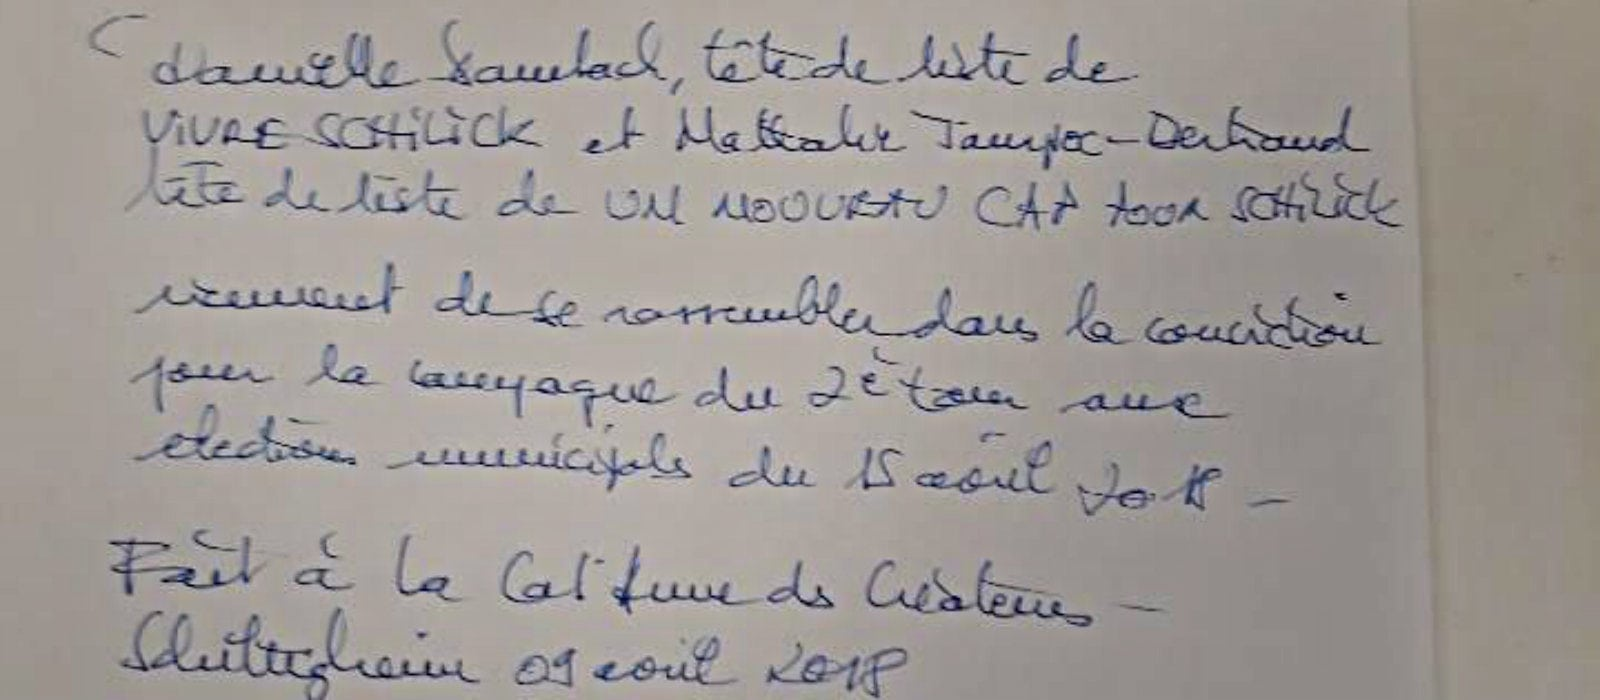 Schiltigheim: Danielle Dambach et Nathalie Jampoc-Bertrand unies au second tour